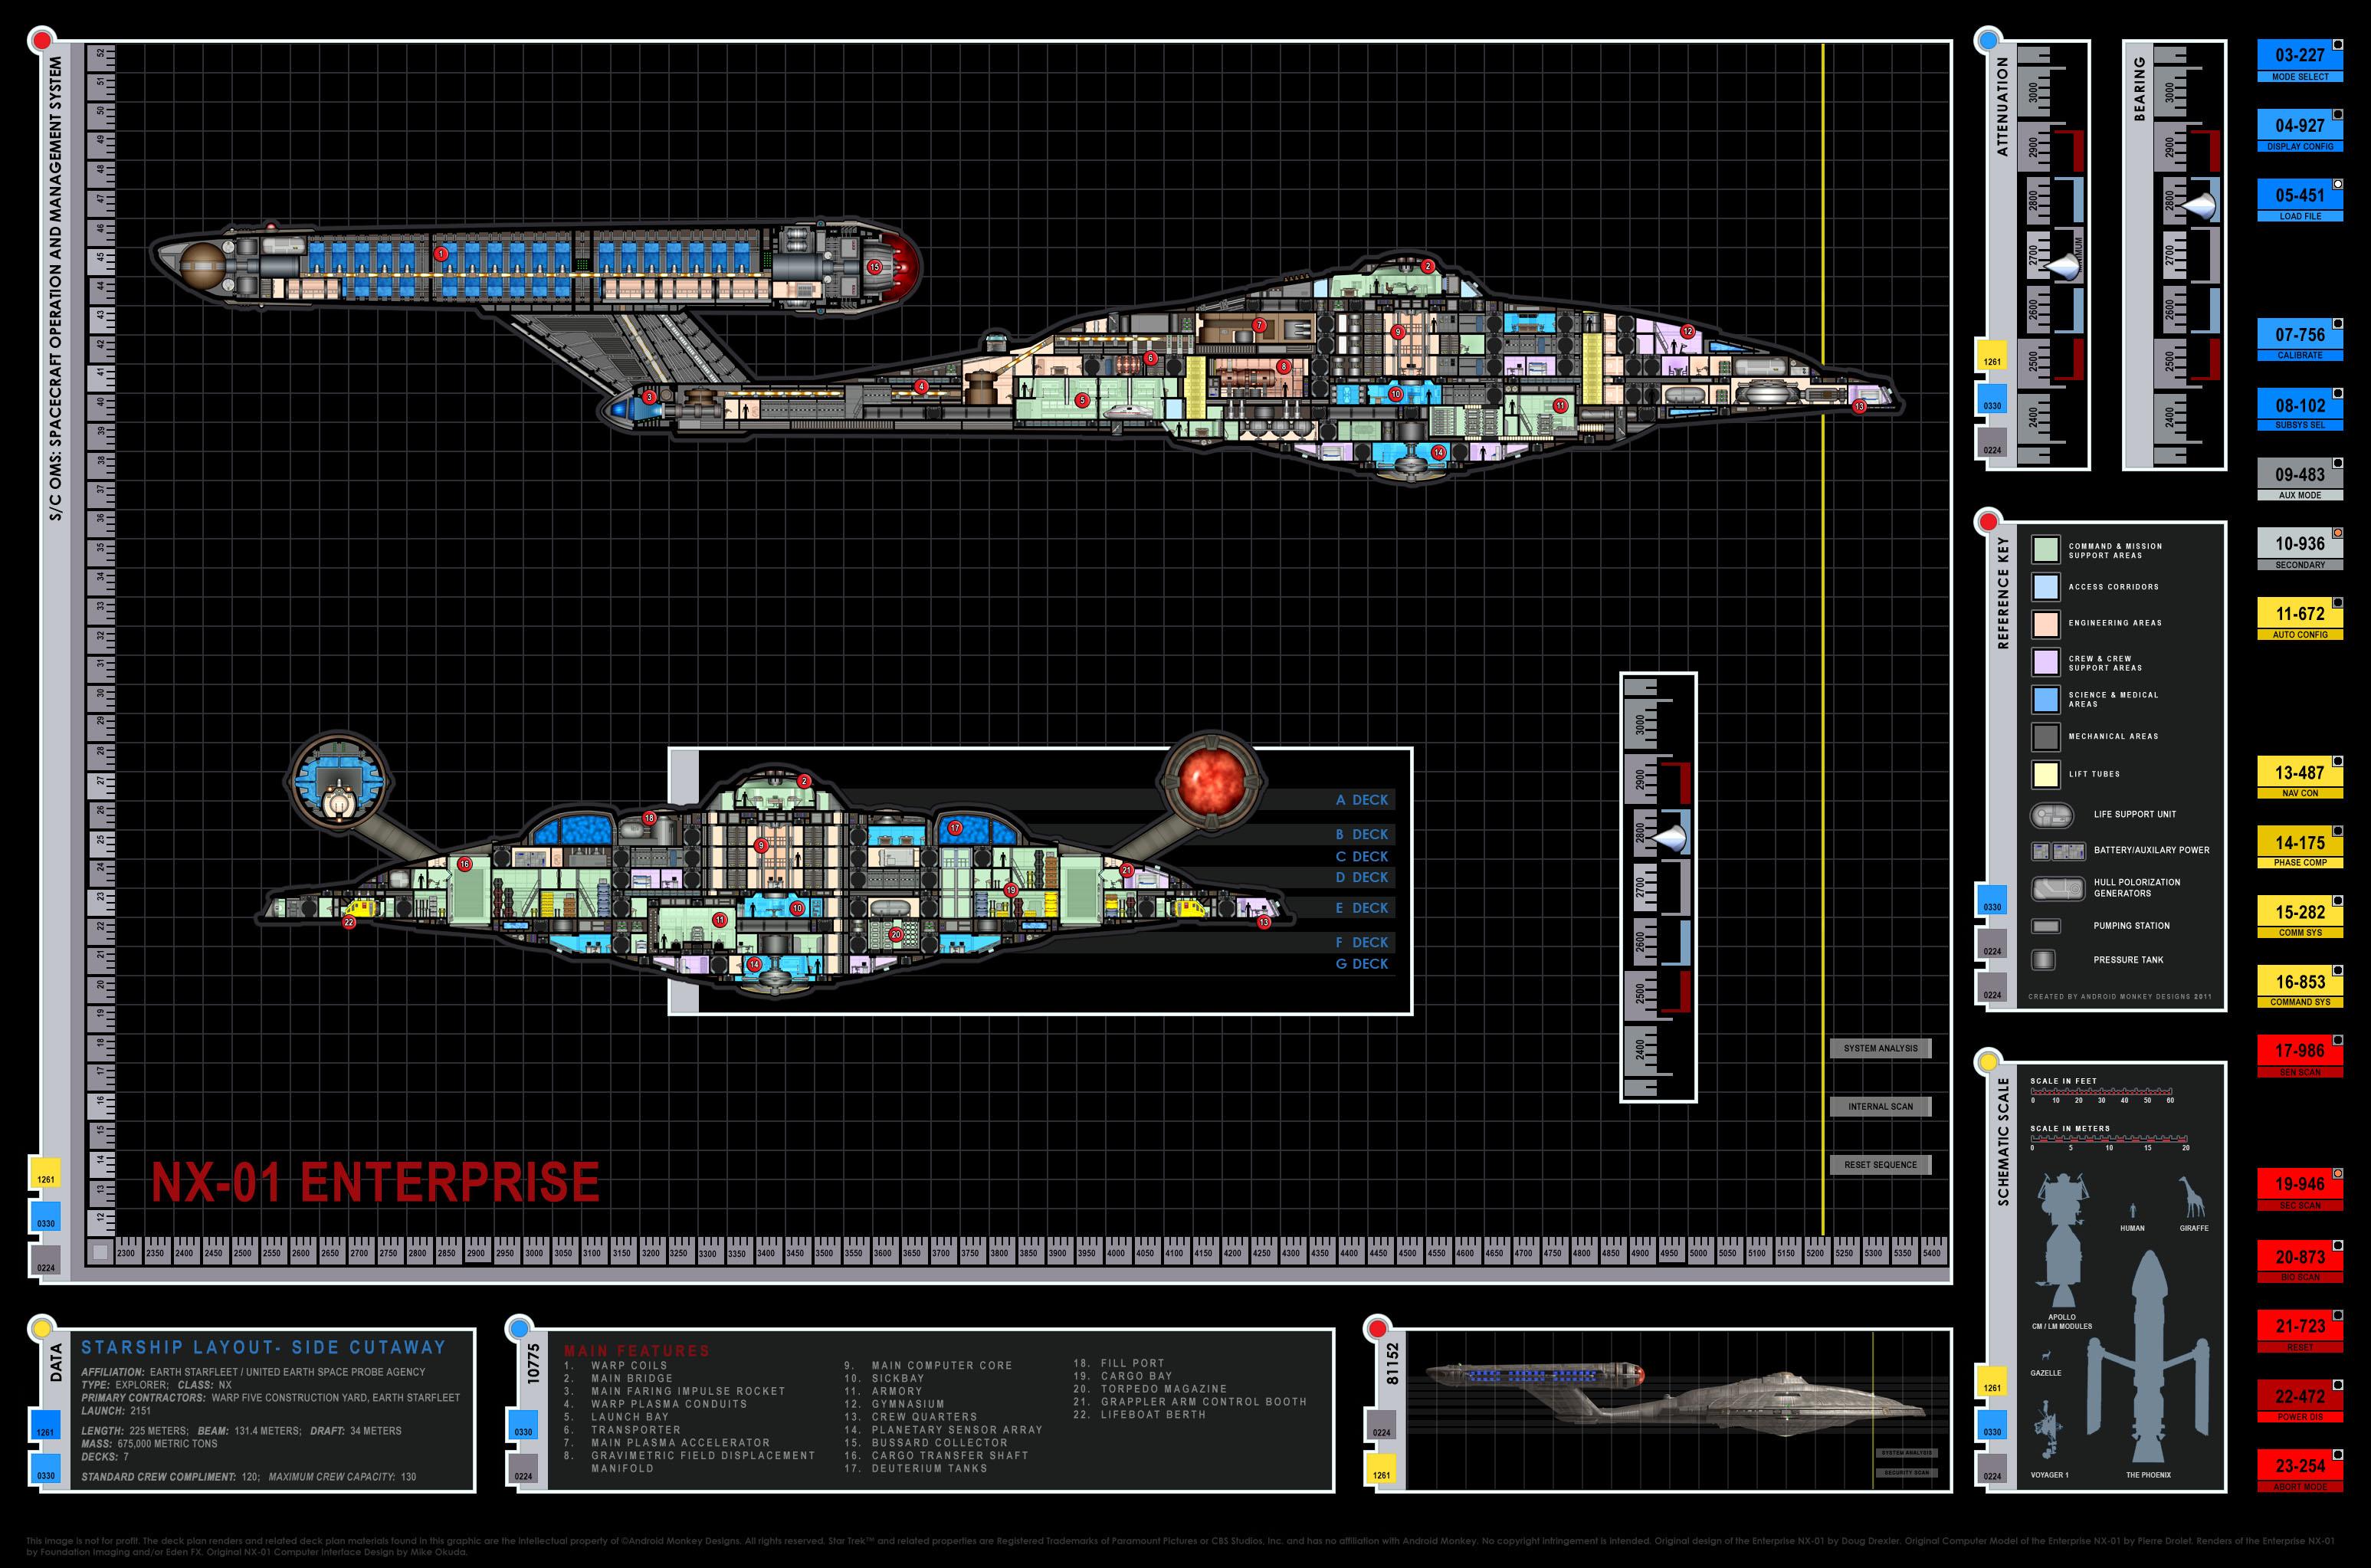 Enterprise NX 01 Deck Plans